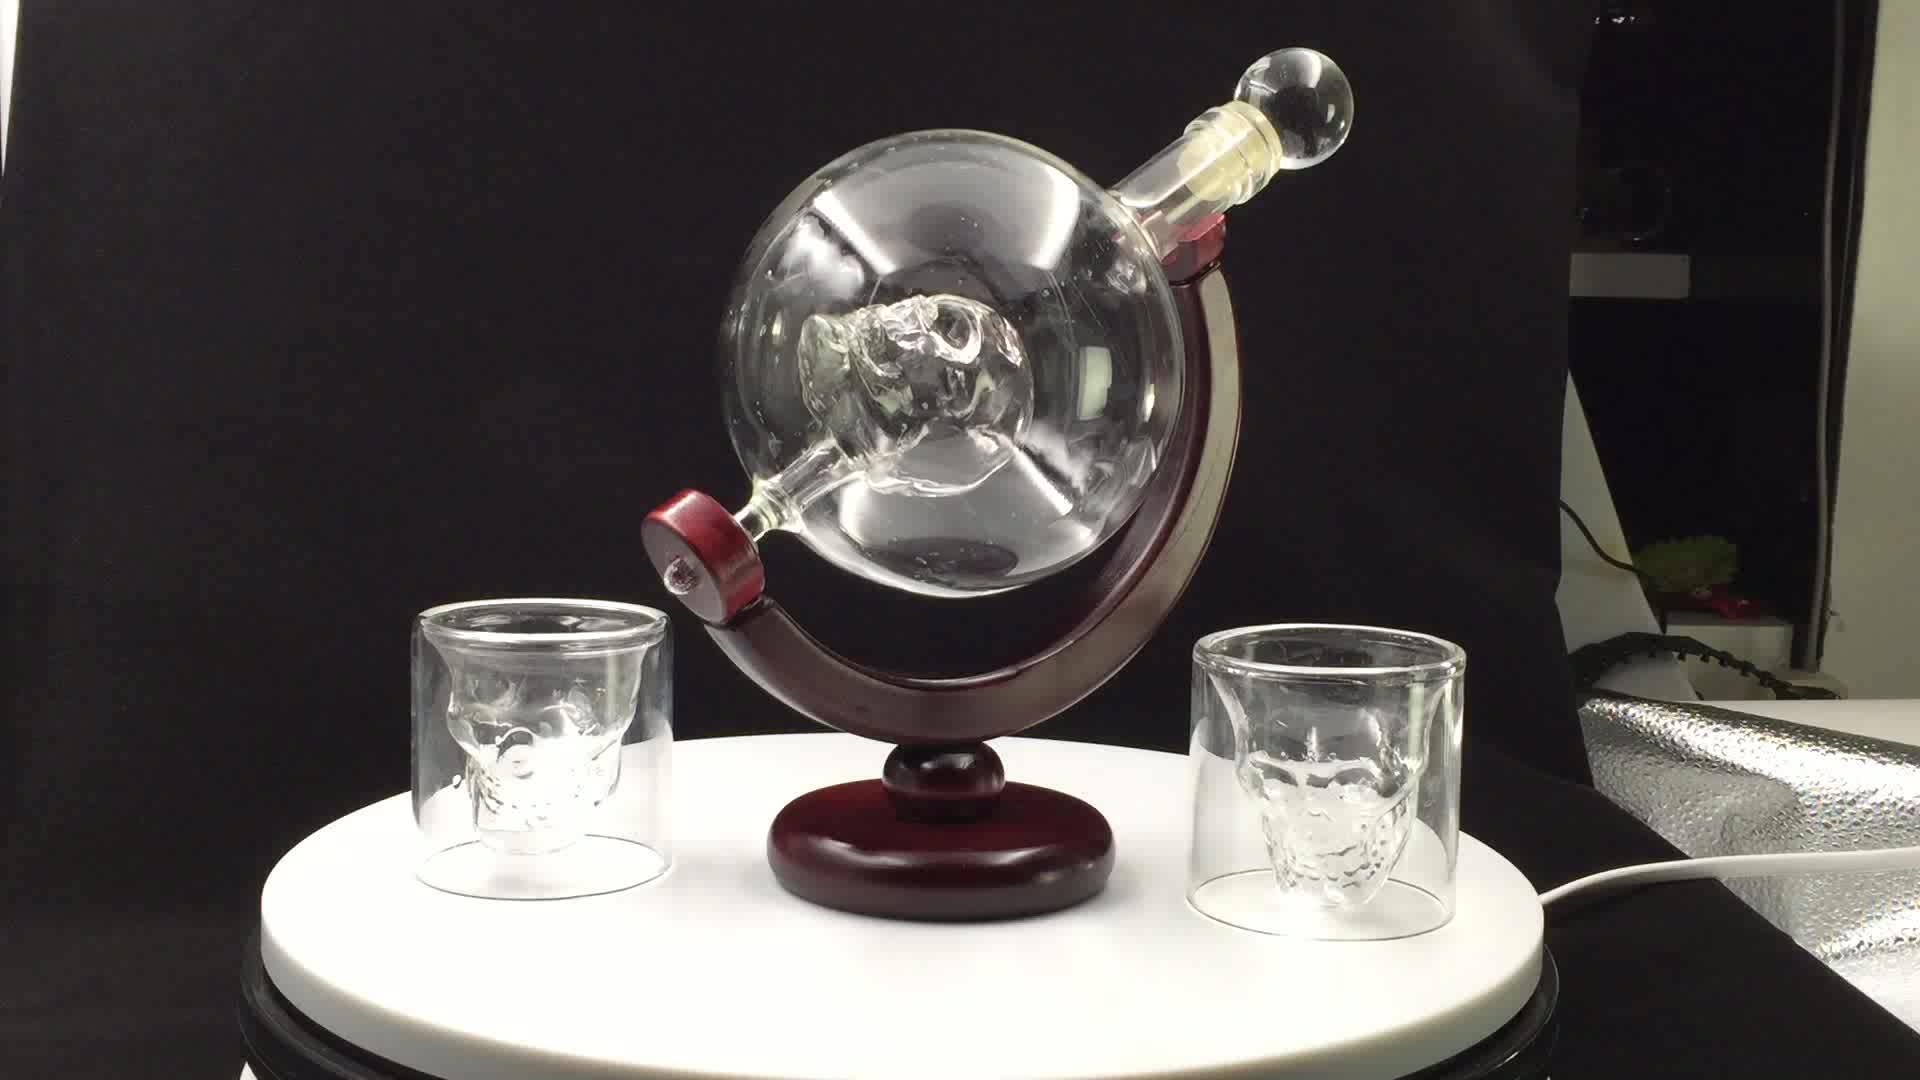 Schnaps Scotch Bourbon Wodka und Wein 850 ml Skeleton form Whiskey Decanter Set Mit 2 Whisky Gläser